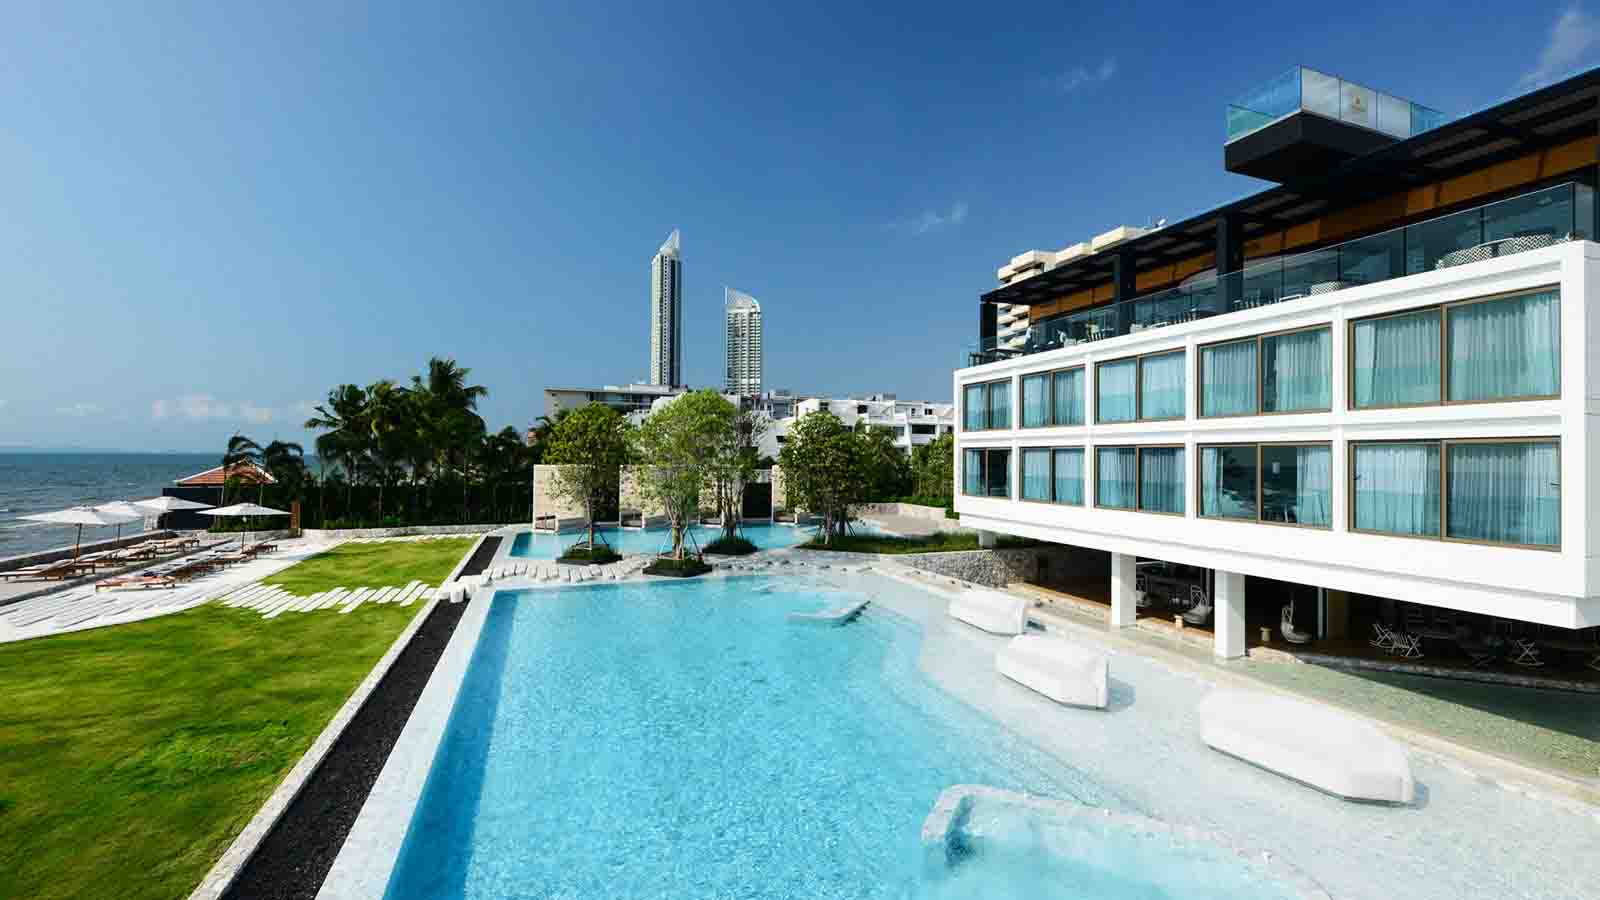 Veranda-Resort-Pattaya-swim